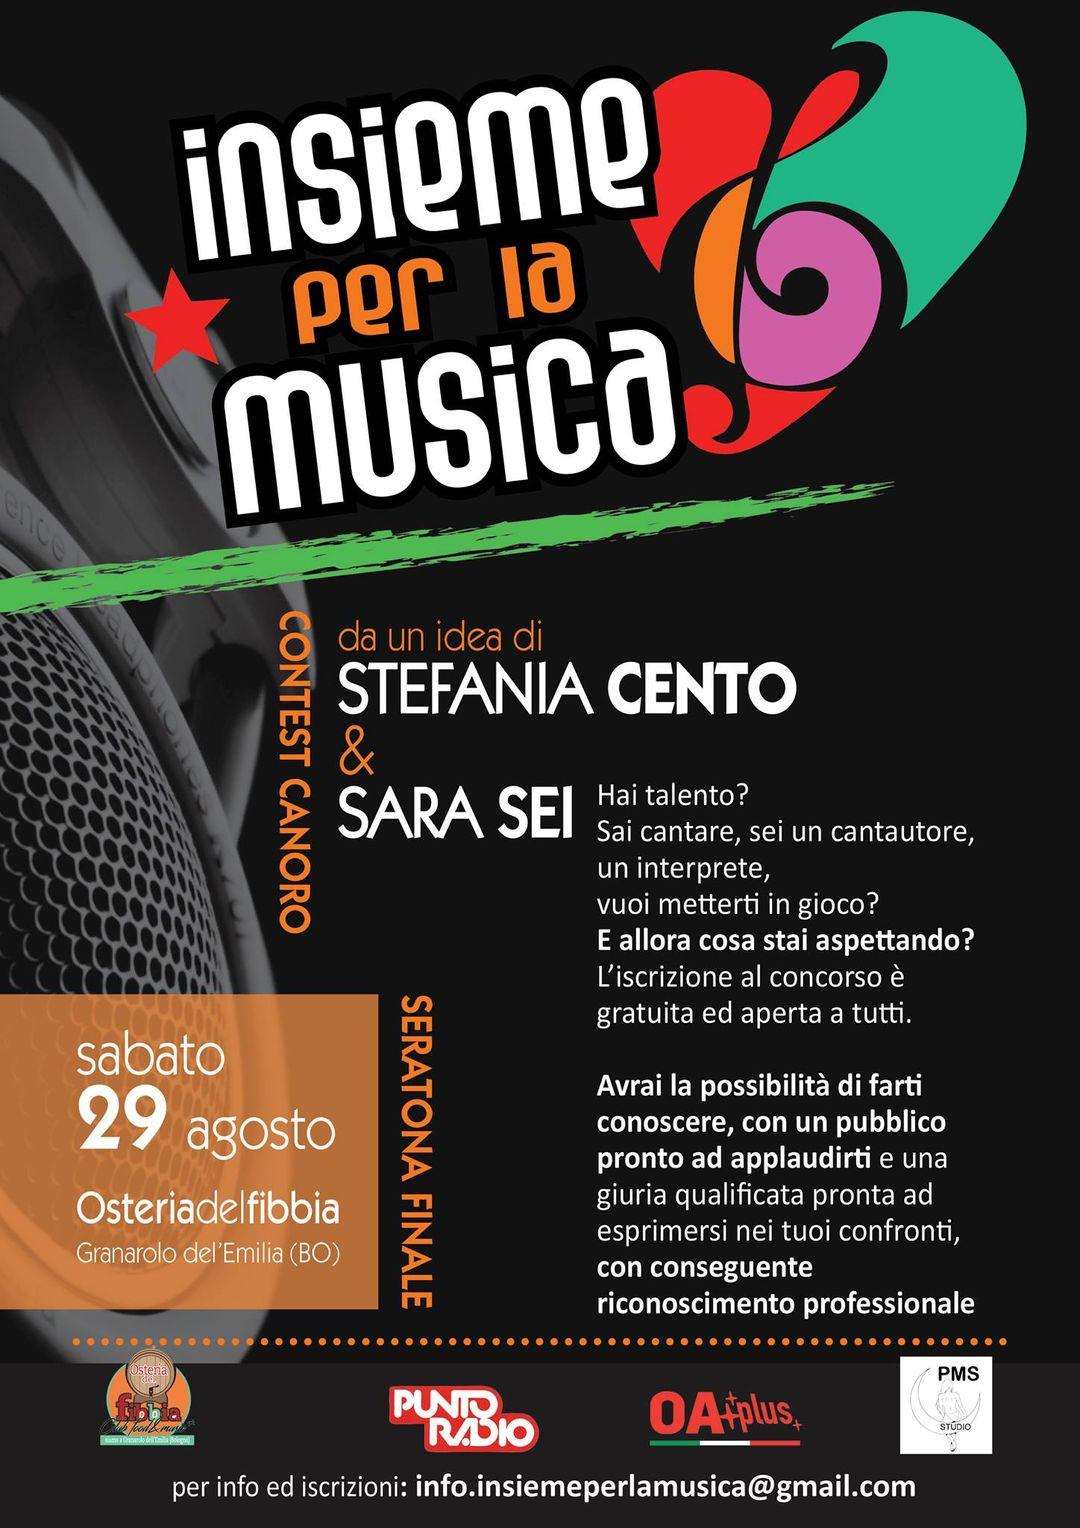 """""""Insieme per la musica"""", interpreti e cantautori nel concorso che OaPlus trasmetterà in diretta domani sera"""